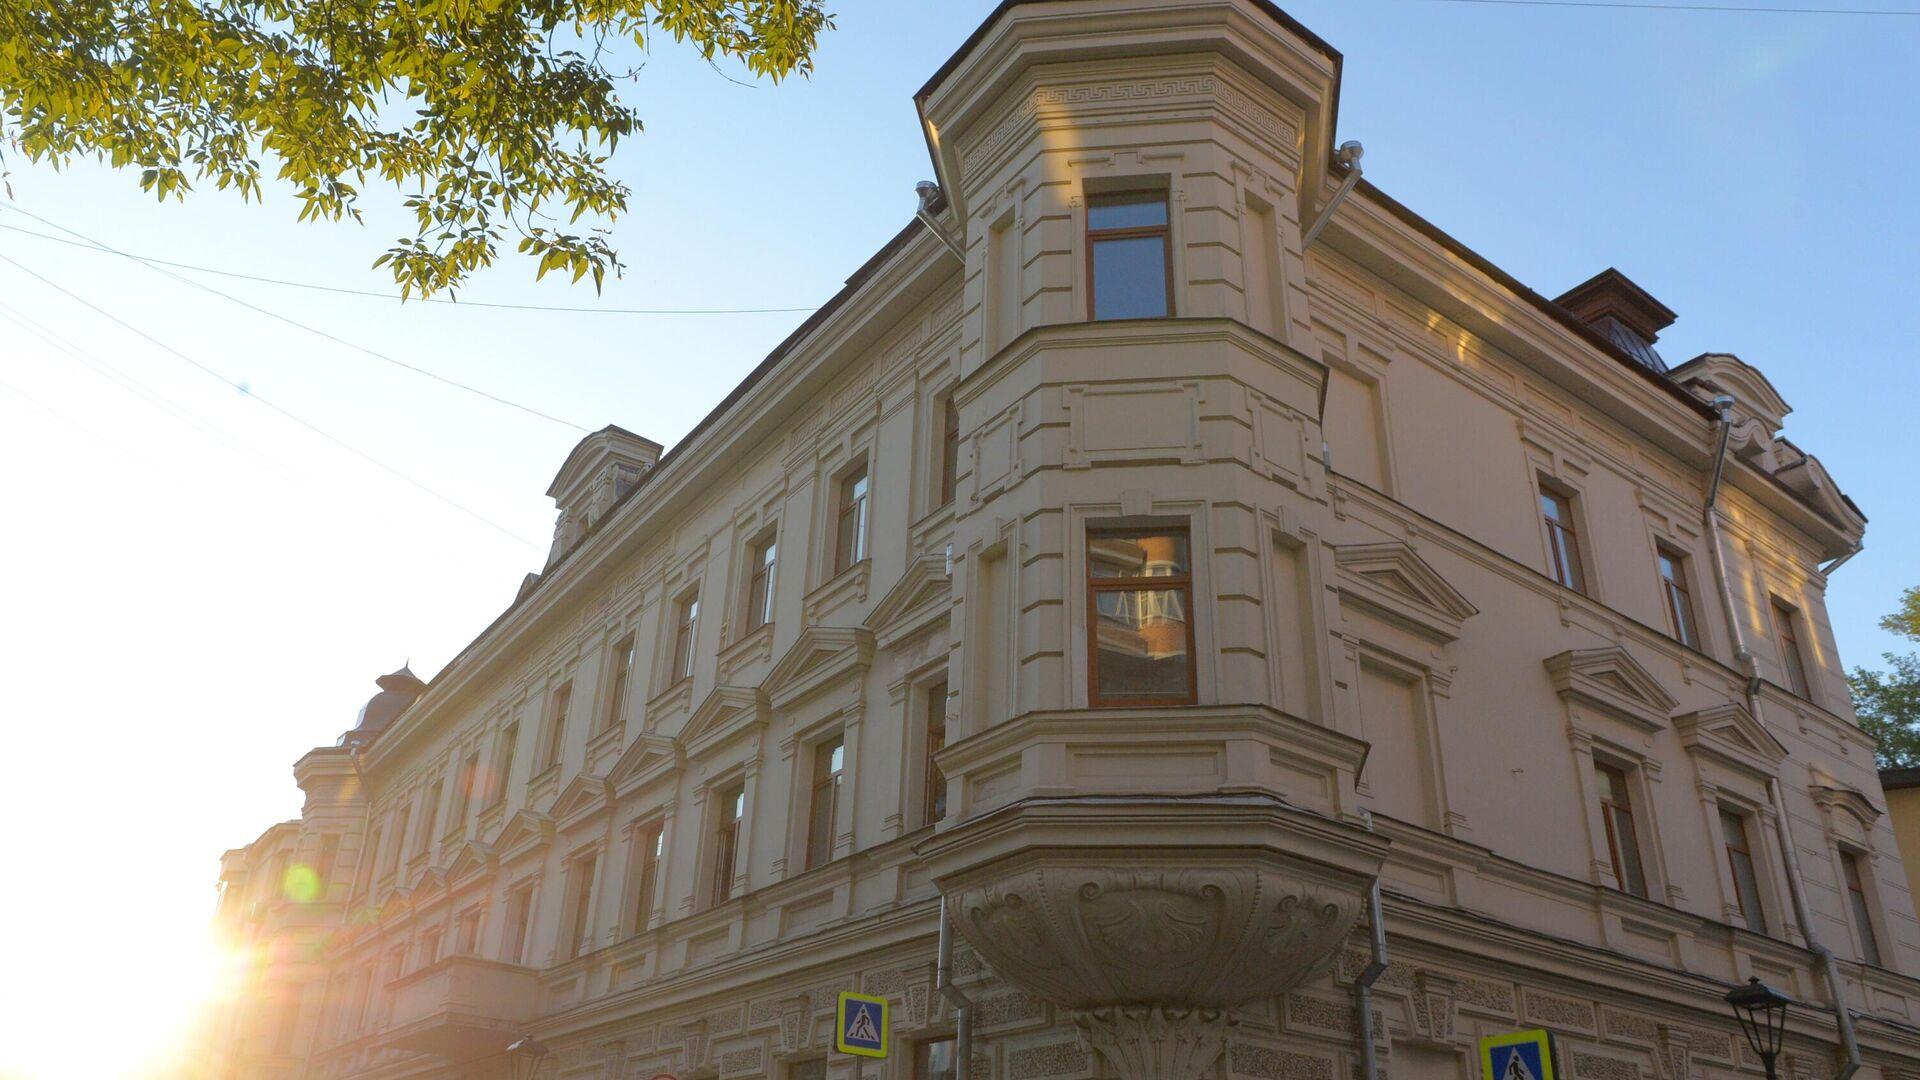 Дом в Большом Харитоньевском переулке в Москве - РИА Новости, 1920, 24.08.2021